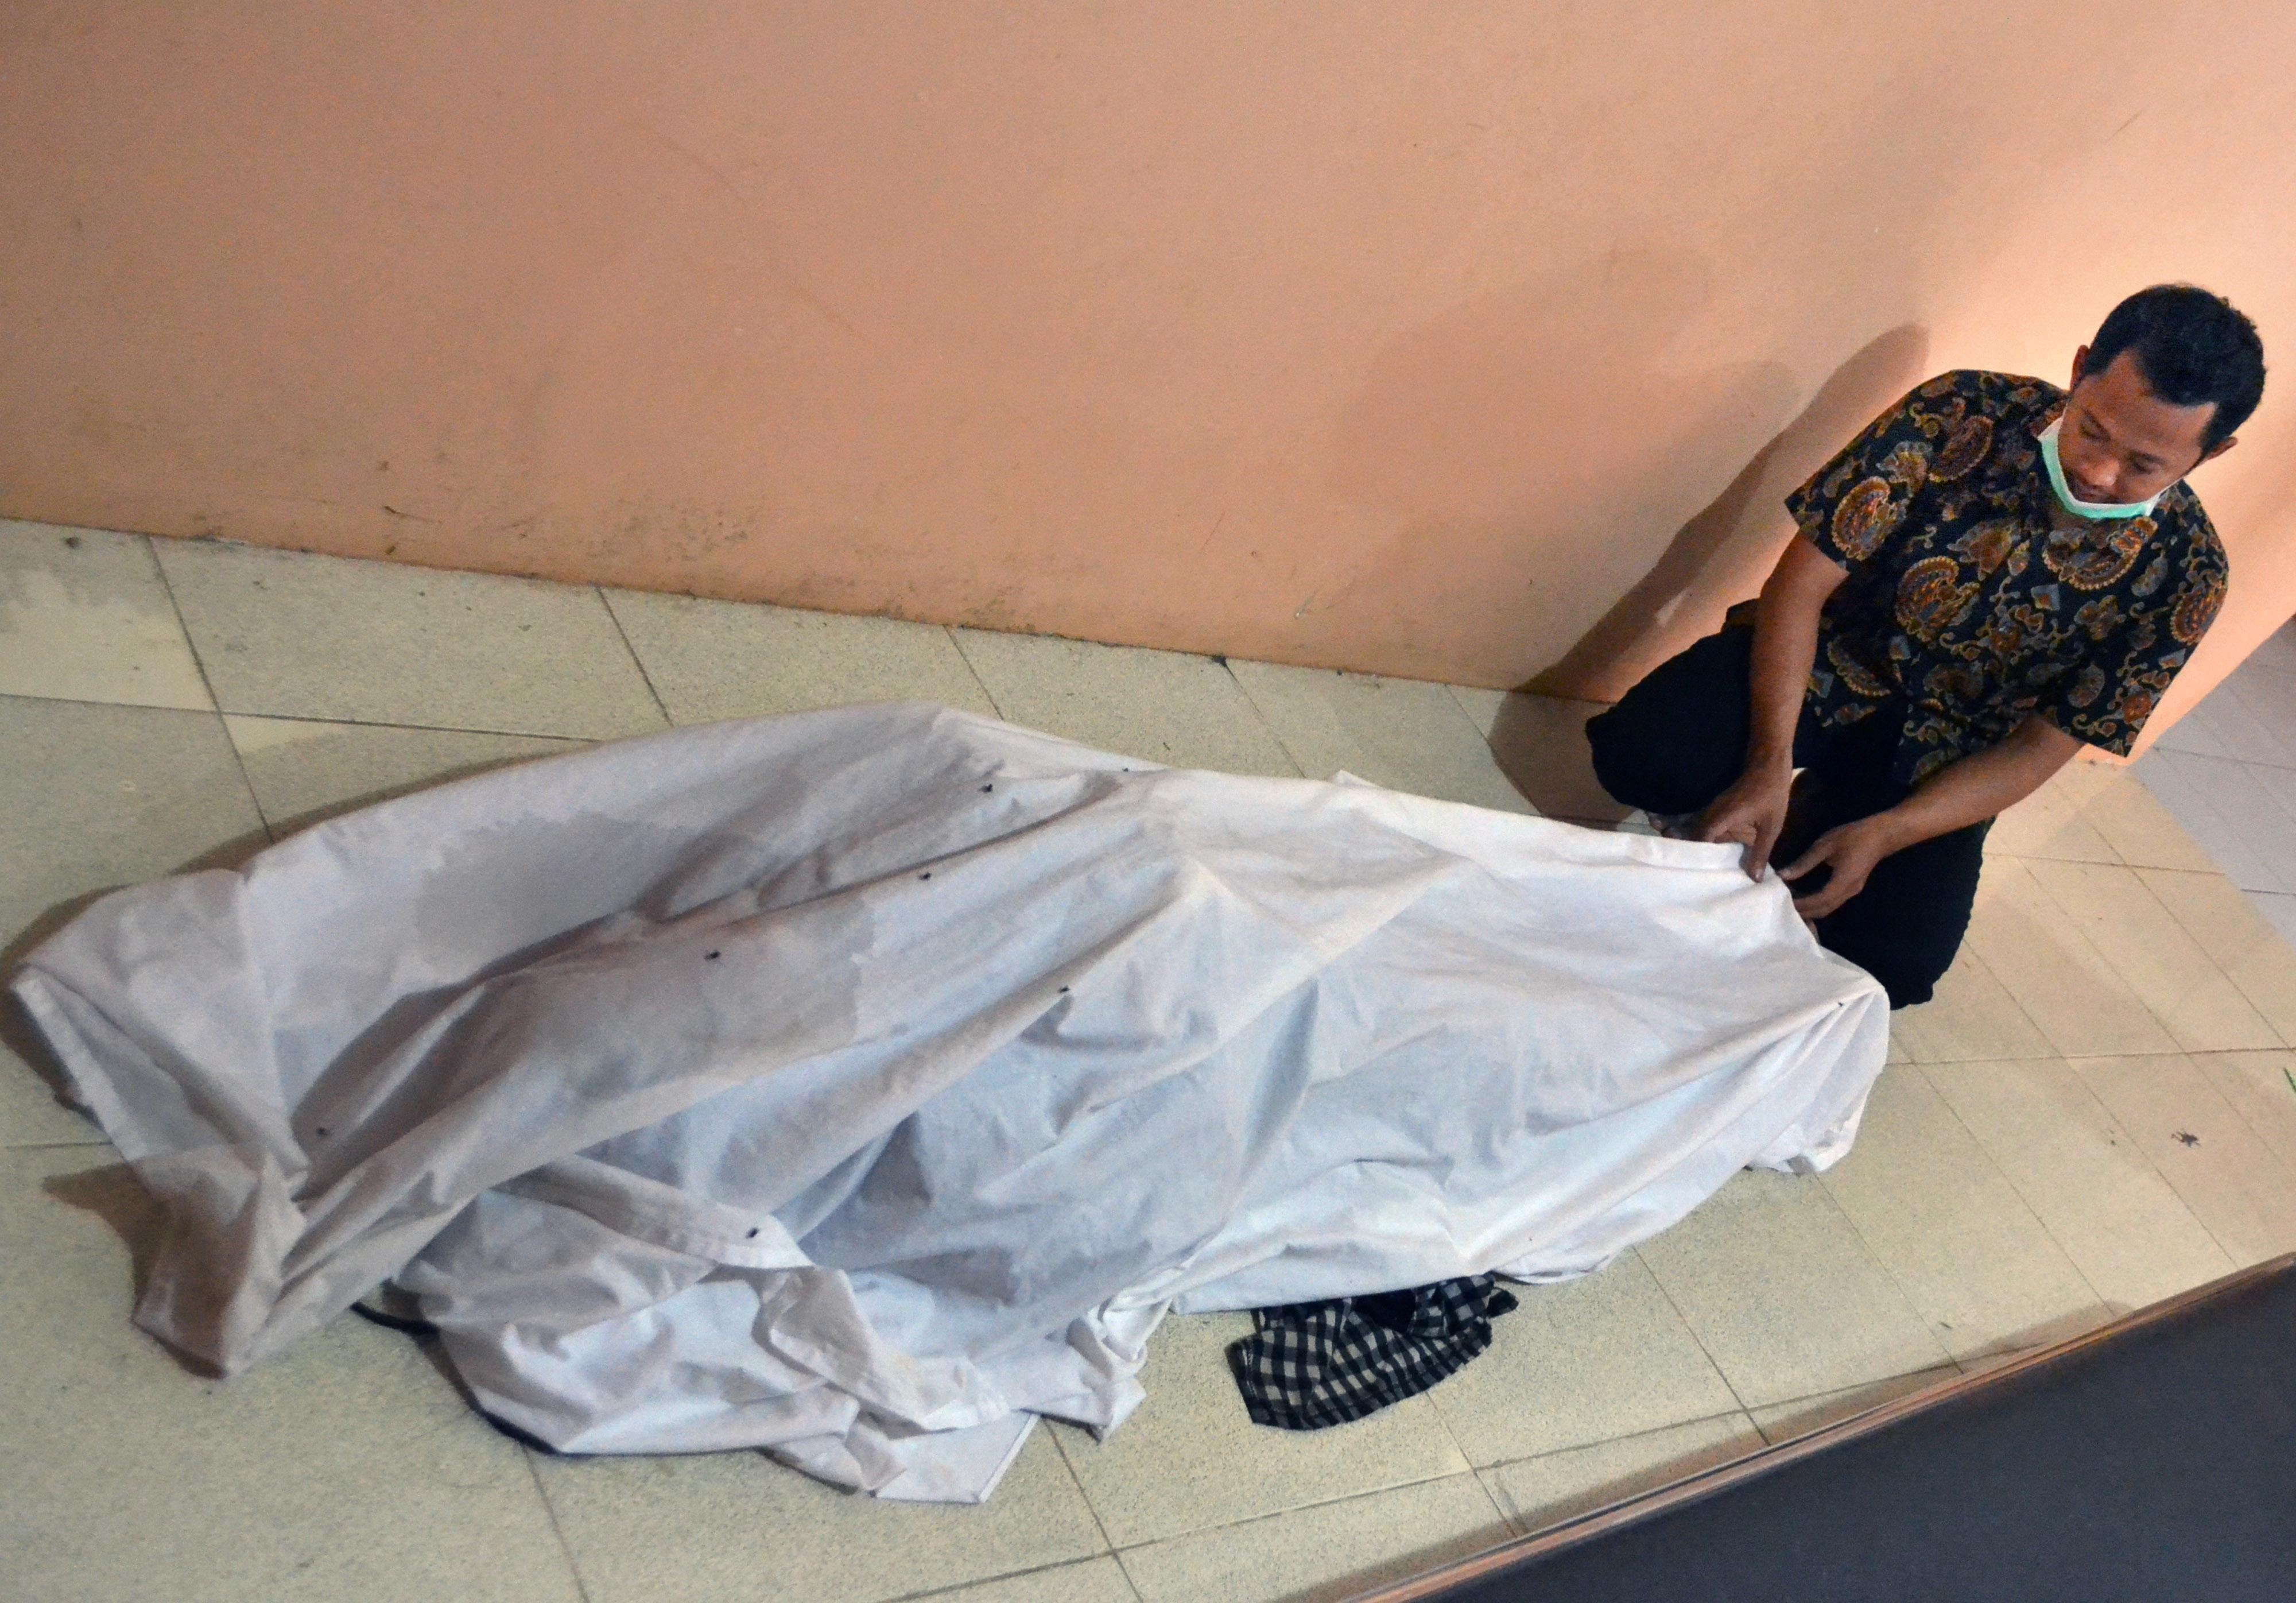 مواطن يجلس بالقرب من جثة أحد المتوفين بسبب تسونامي